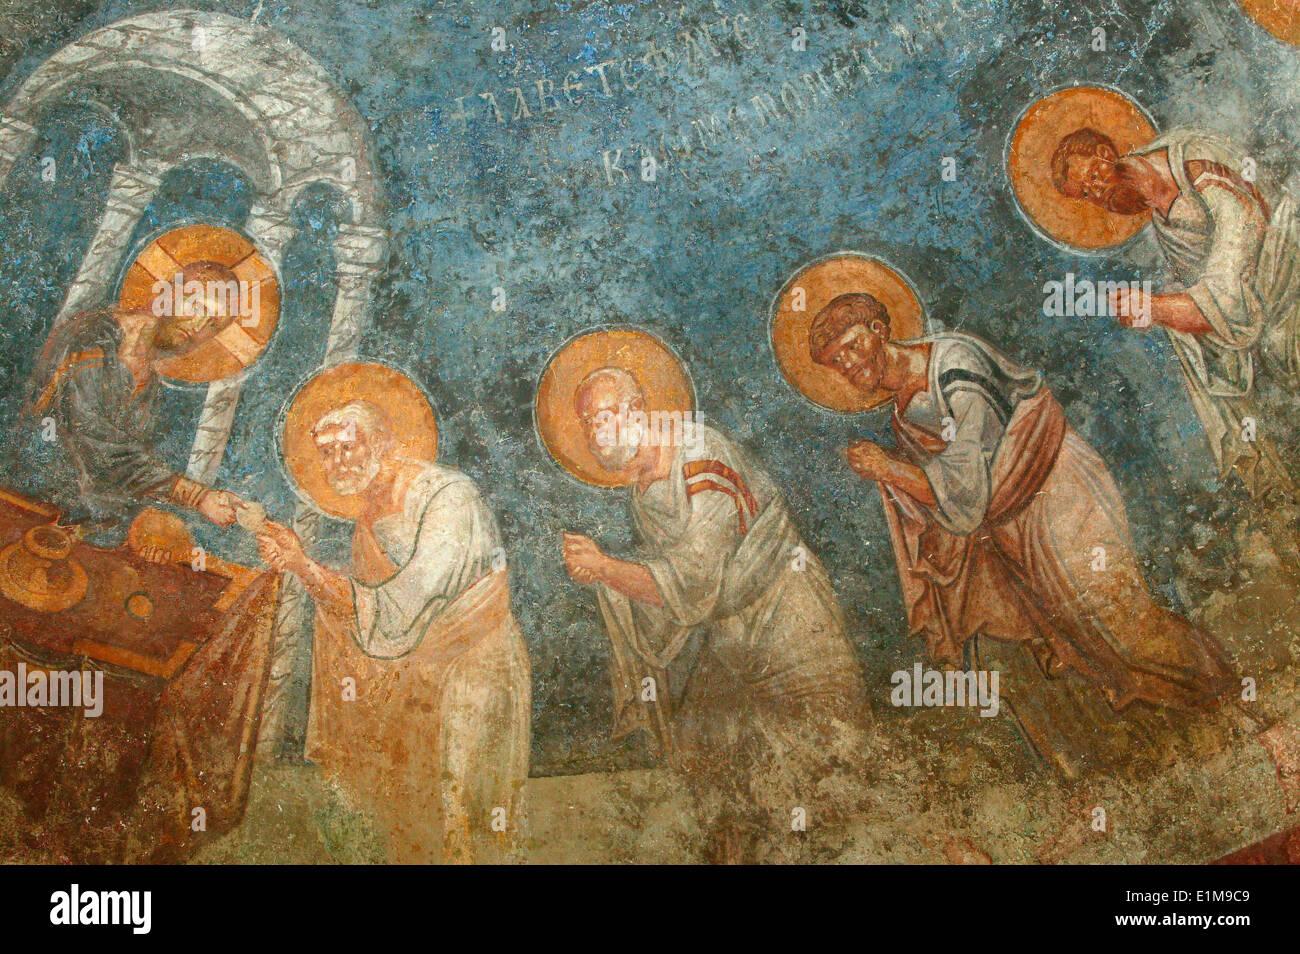 Saint Nicholas church fresco : Jesus with apostles - Stock Image